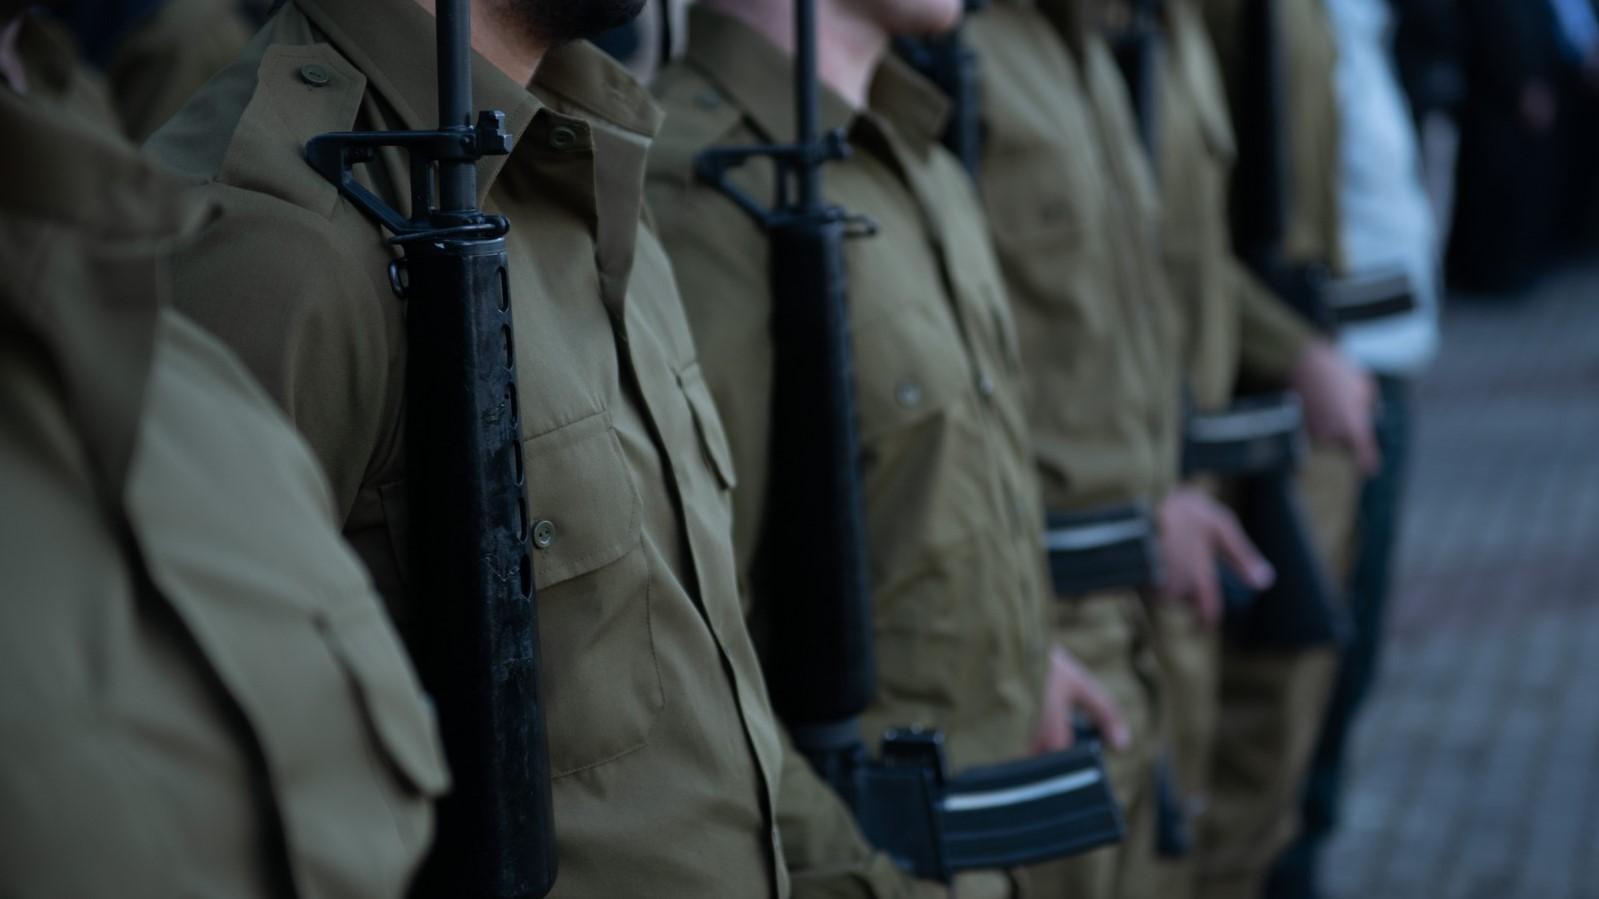 בעקבות לחץ השמאל והרפורמים: שונו סדרי הקבורה הצבאית